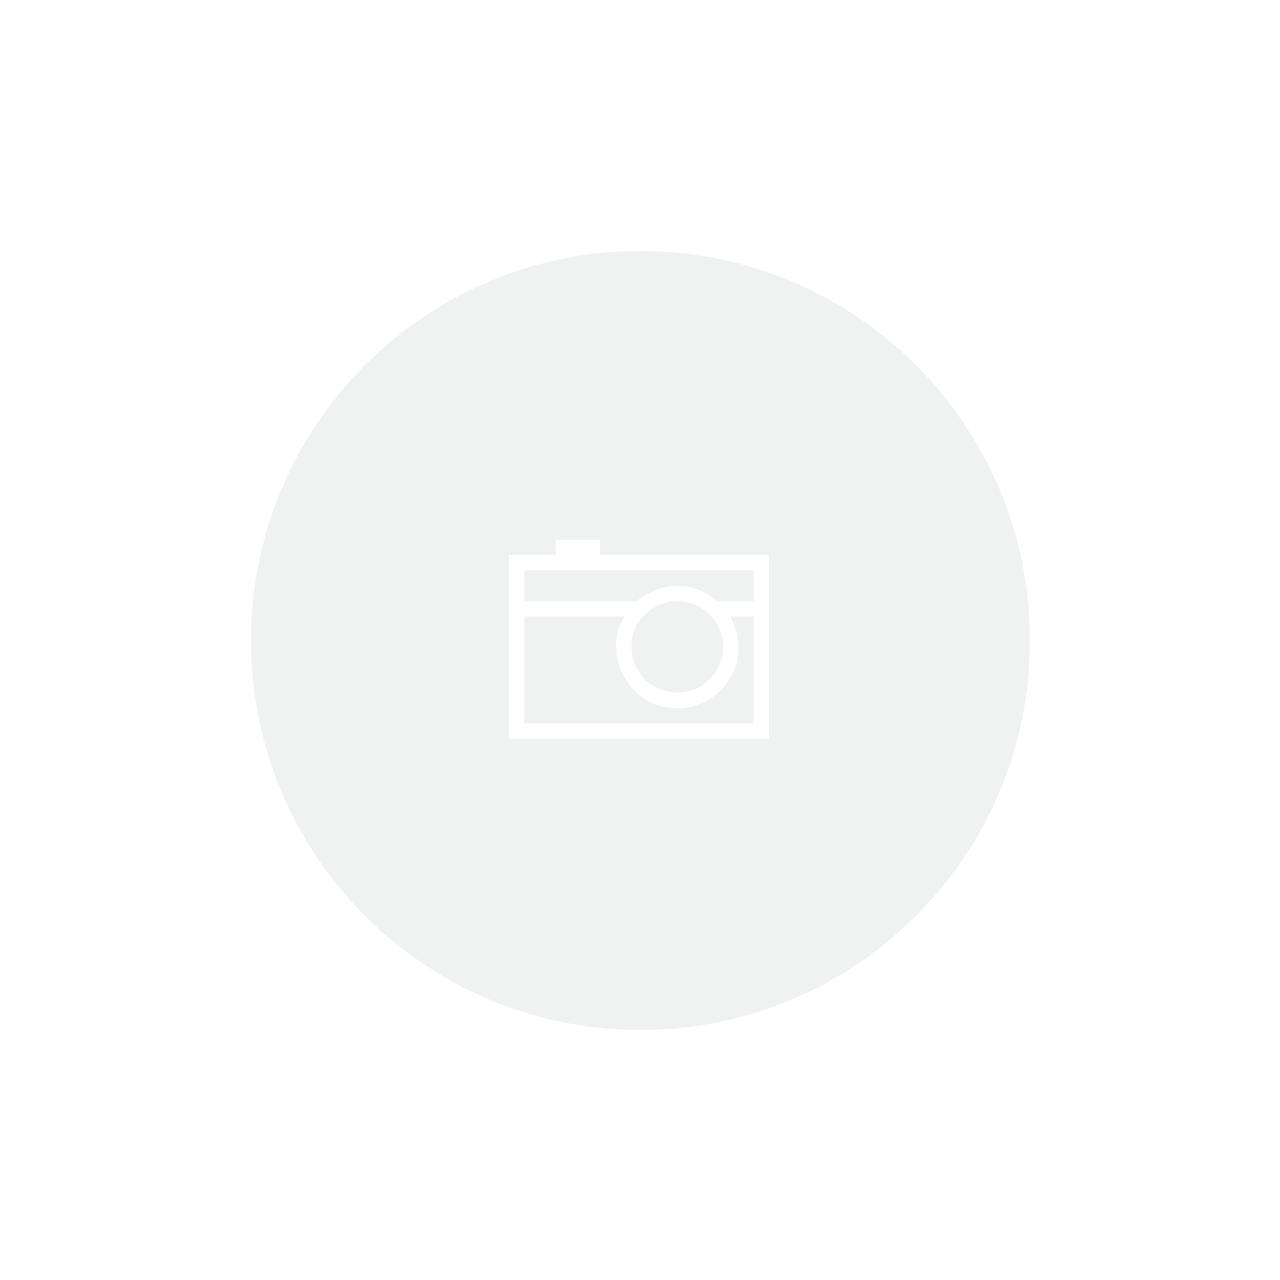 """Parusso Barolo DOCG """"White Label"""" 2013"""